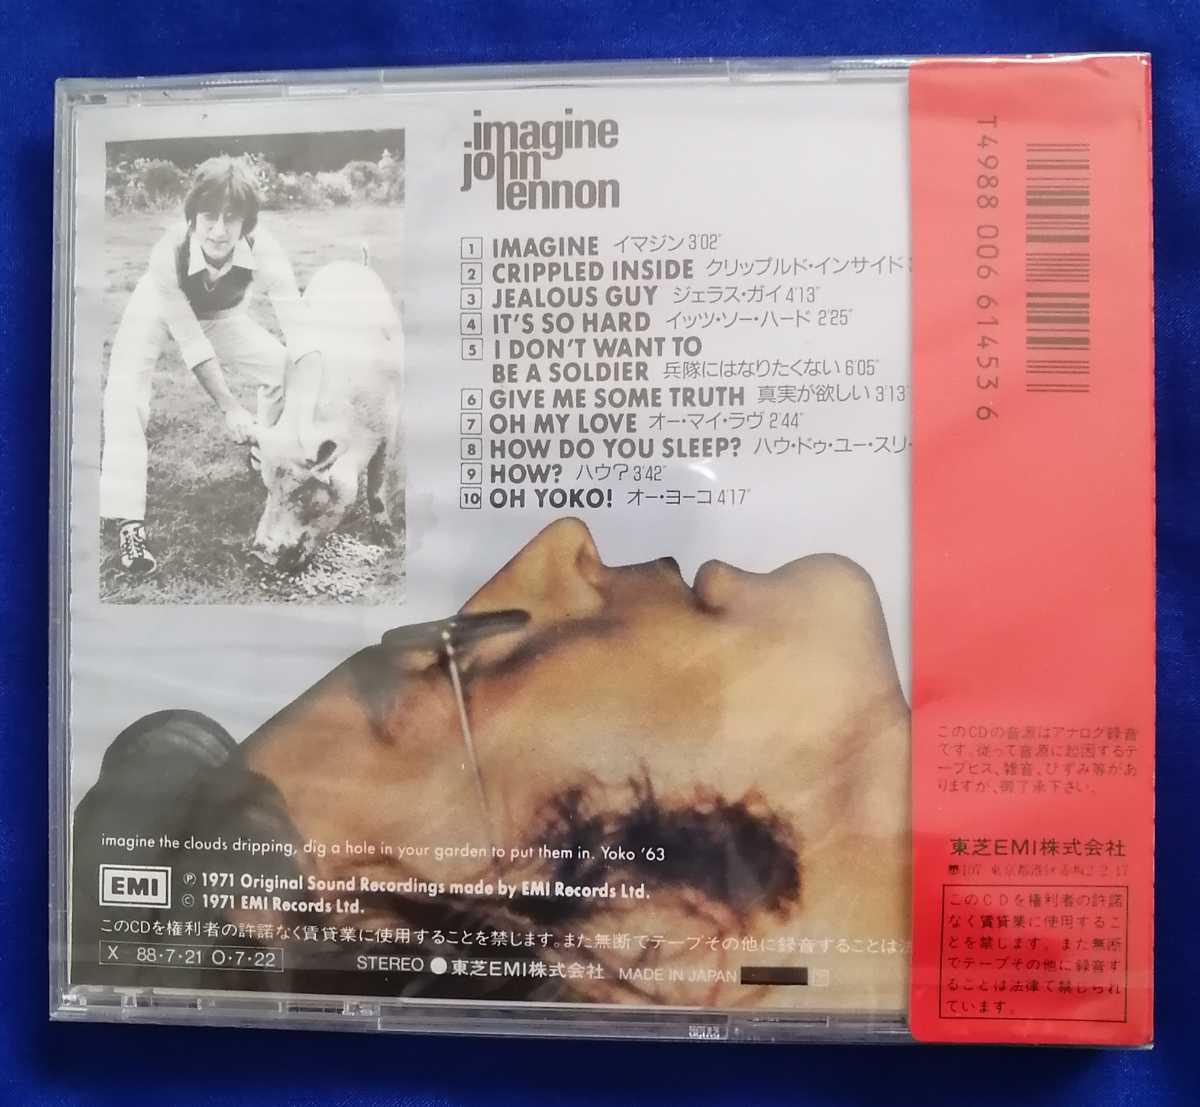 ジョン・レノン CD「イマジン」赤帯 (旧規格 廃盤 消費税表示) 未開封 (新品) 型番:CP32-5451 ザ・ビートルズ ポール・マッカートニー